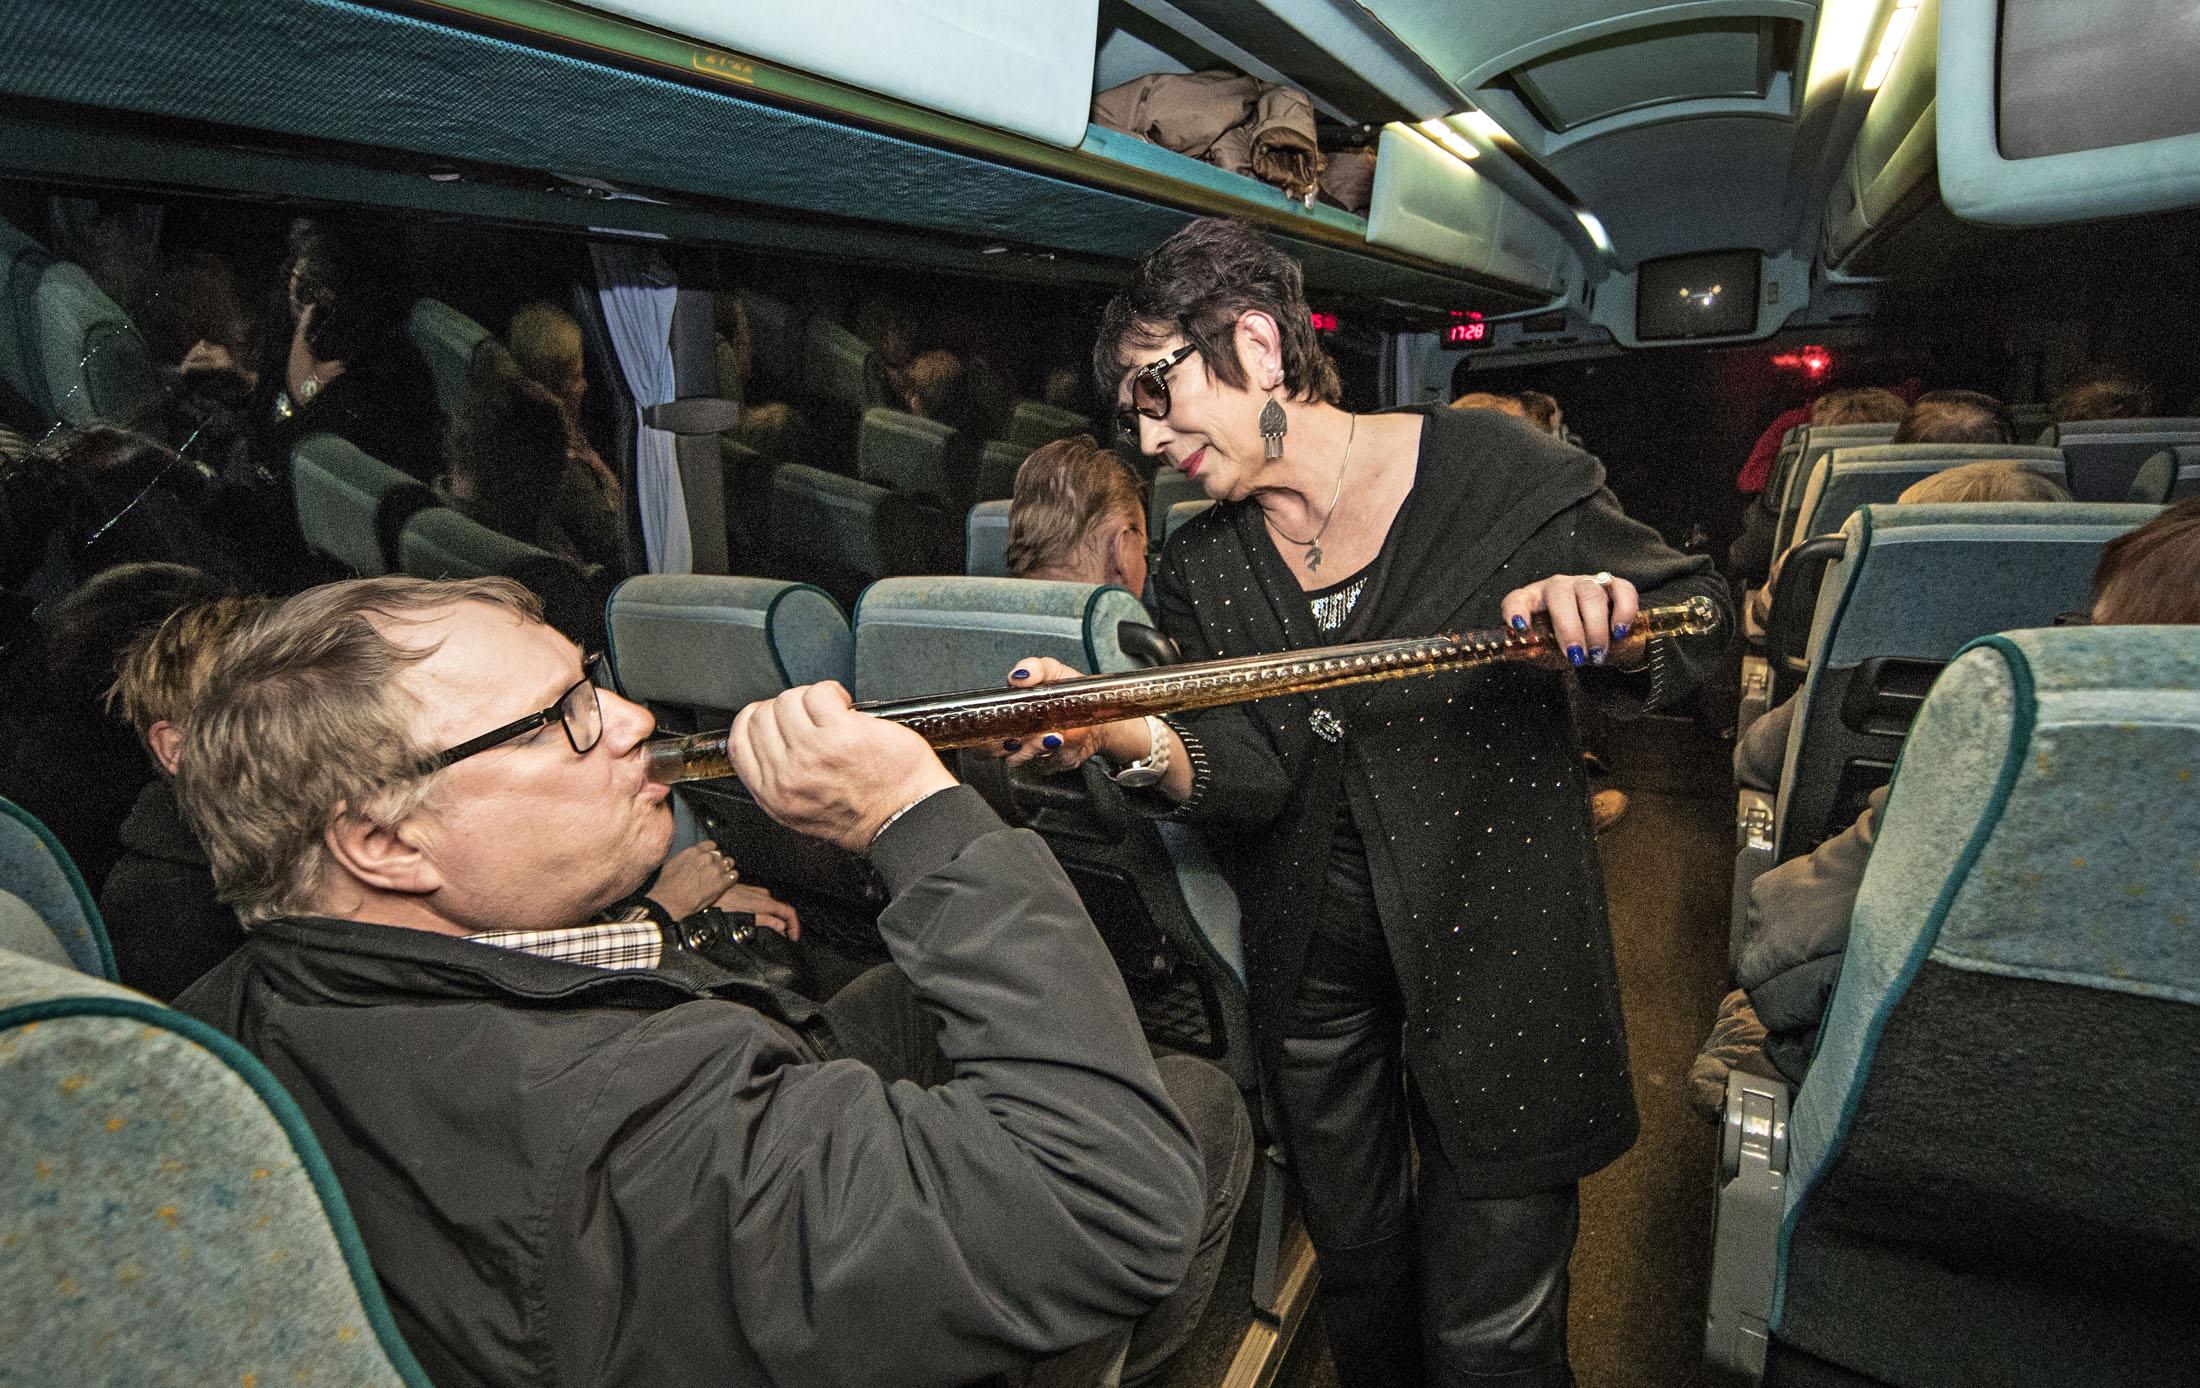 Eija Eronen kierrättää Rasputinin miekkaa matkalaisten huulilla